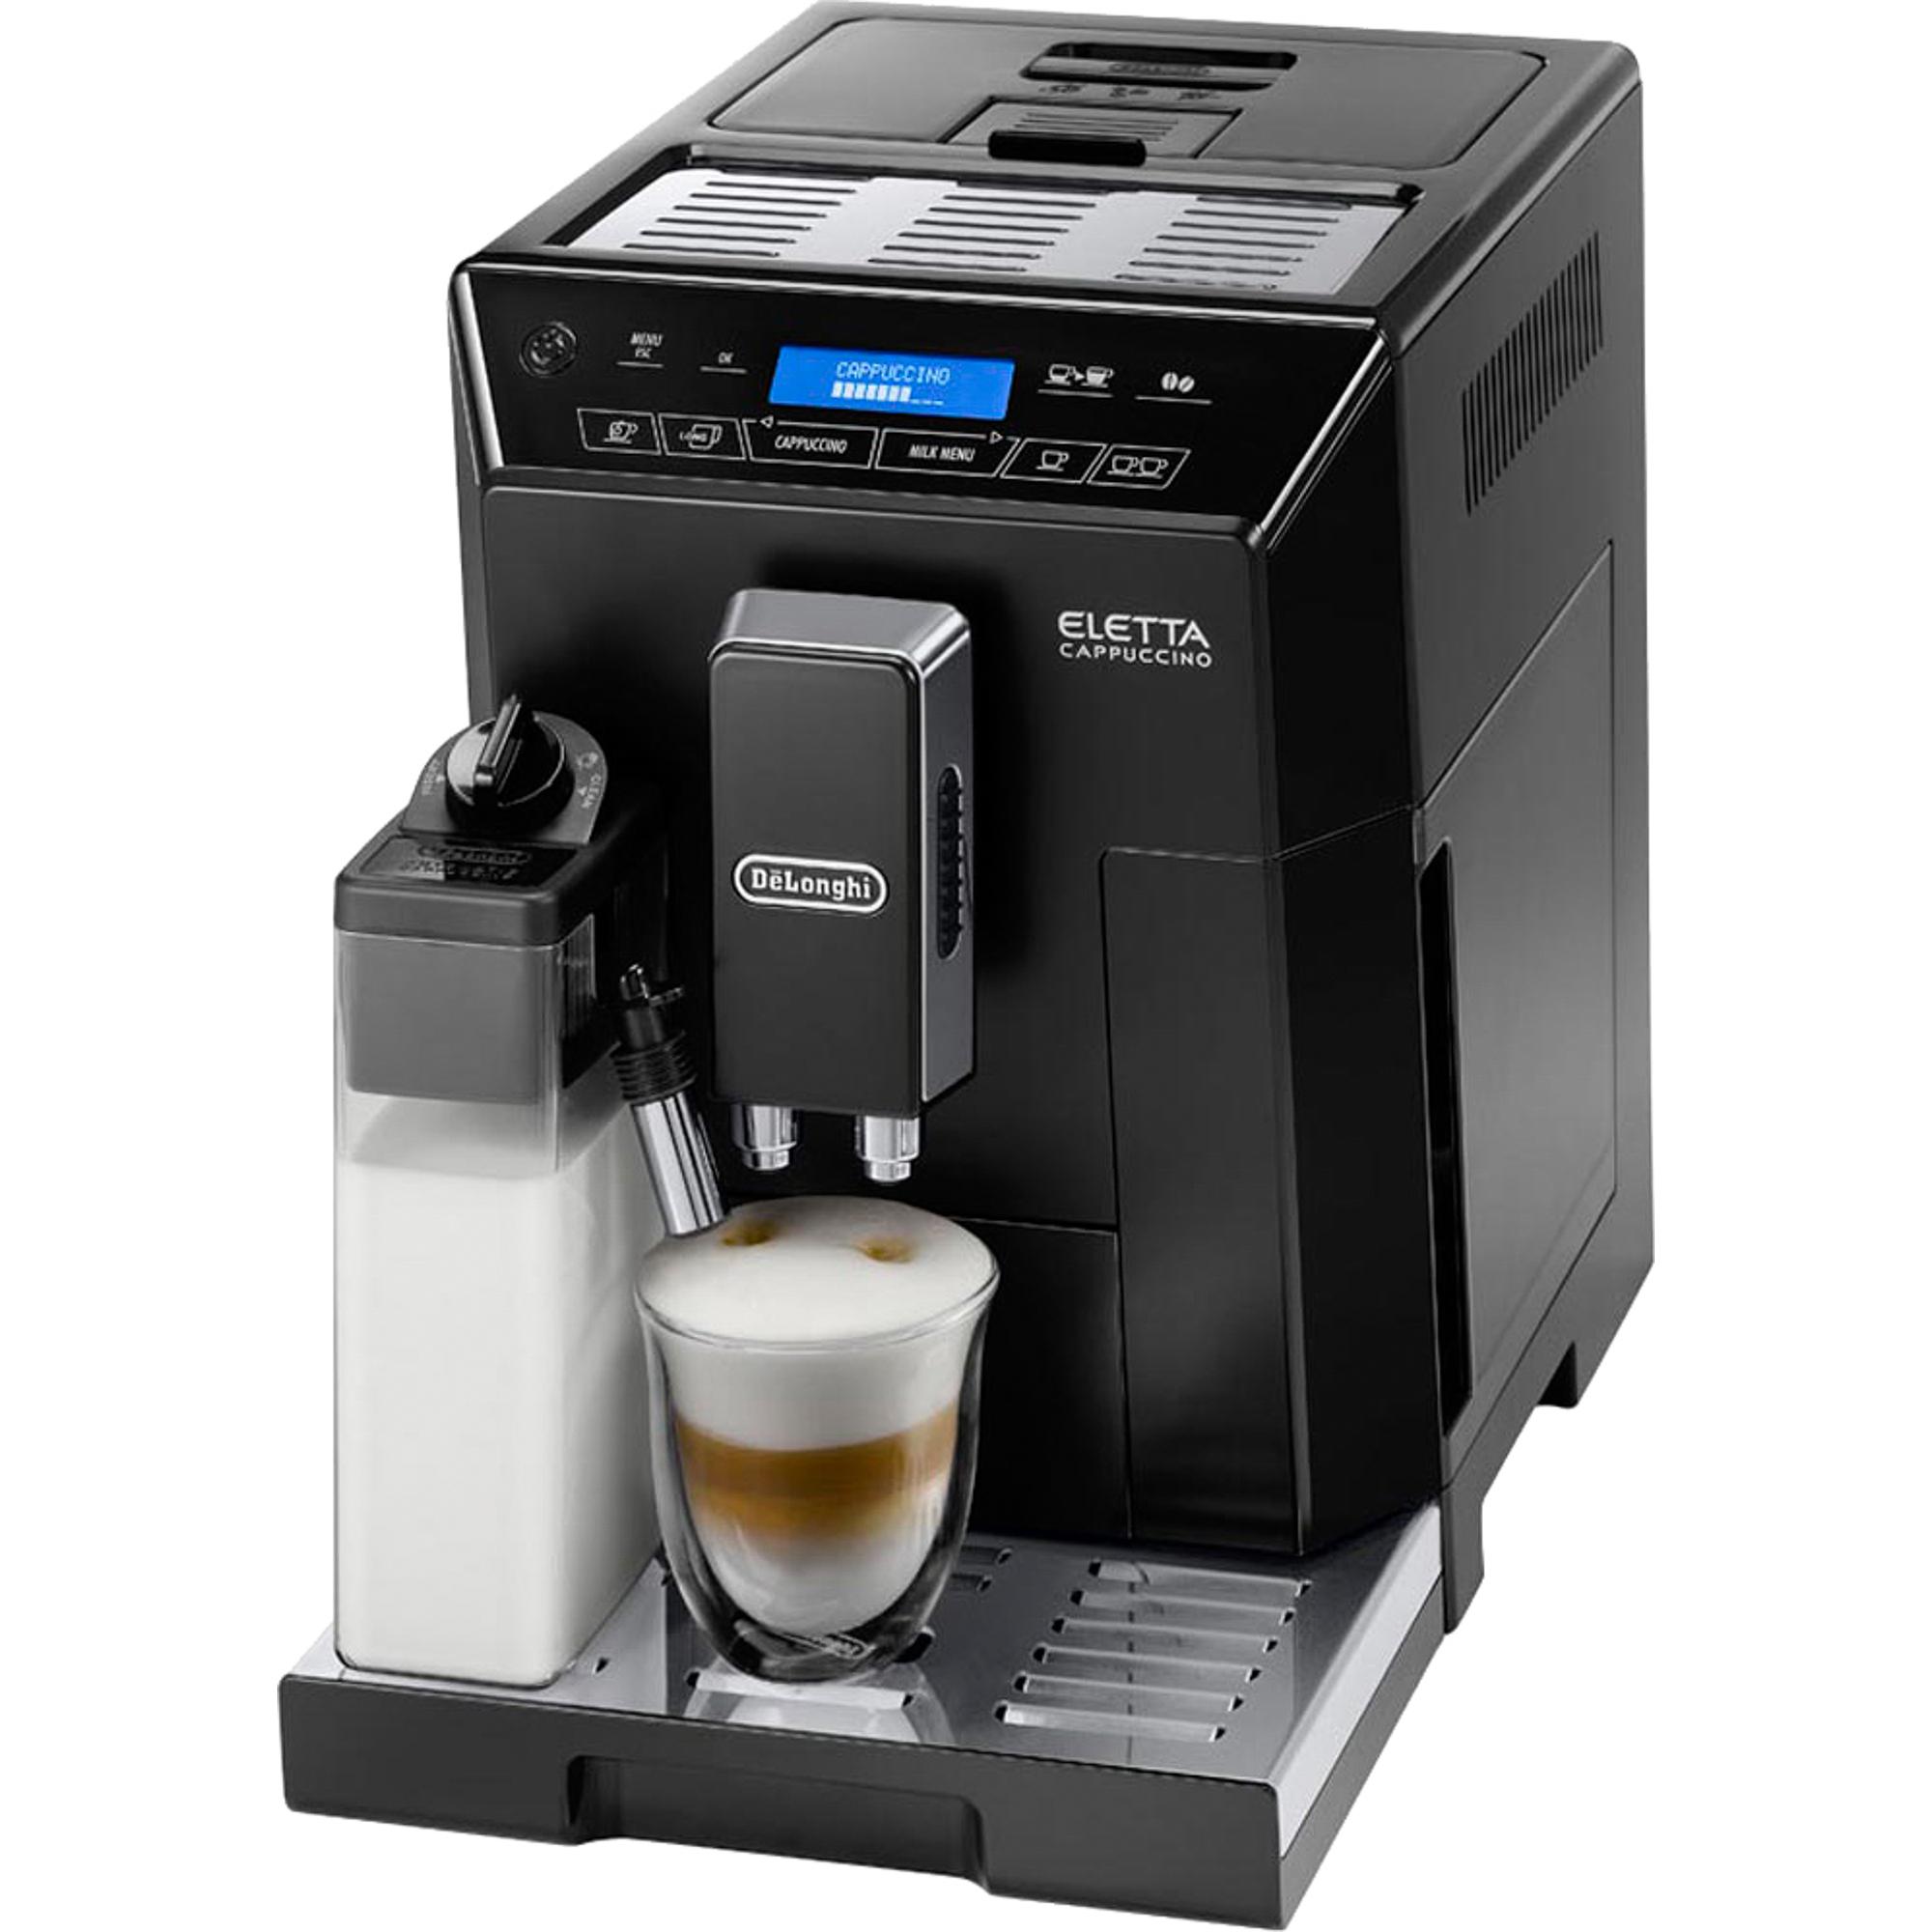 Кофемашина Delonghi Eletta ECAM 44.664.B кофемашина delonghi ecam23 120 b 1450вт черный